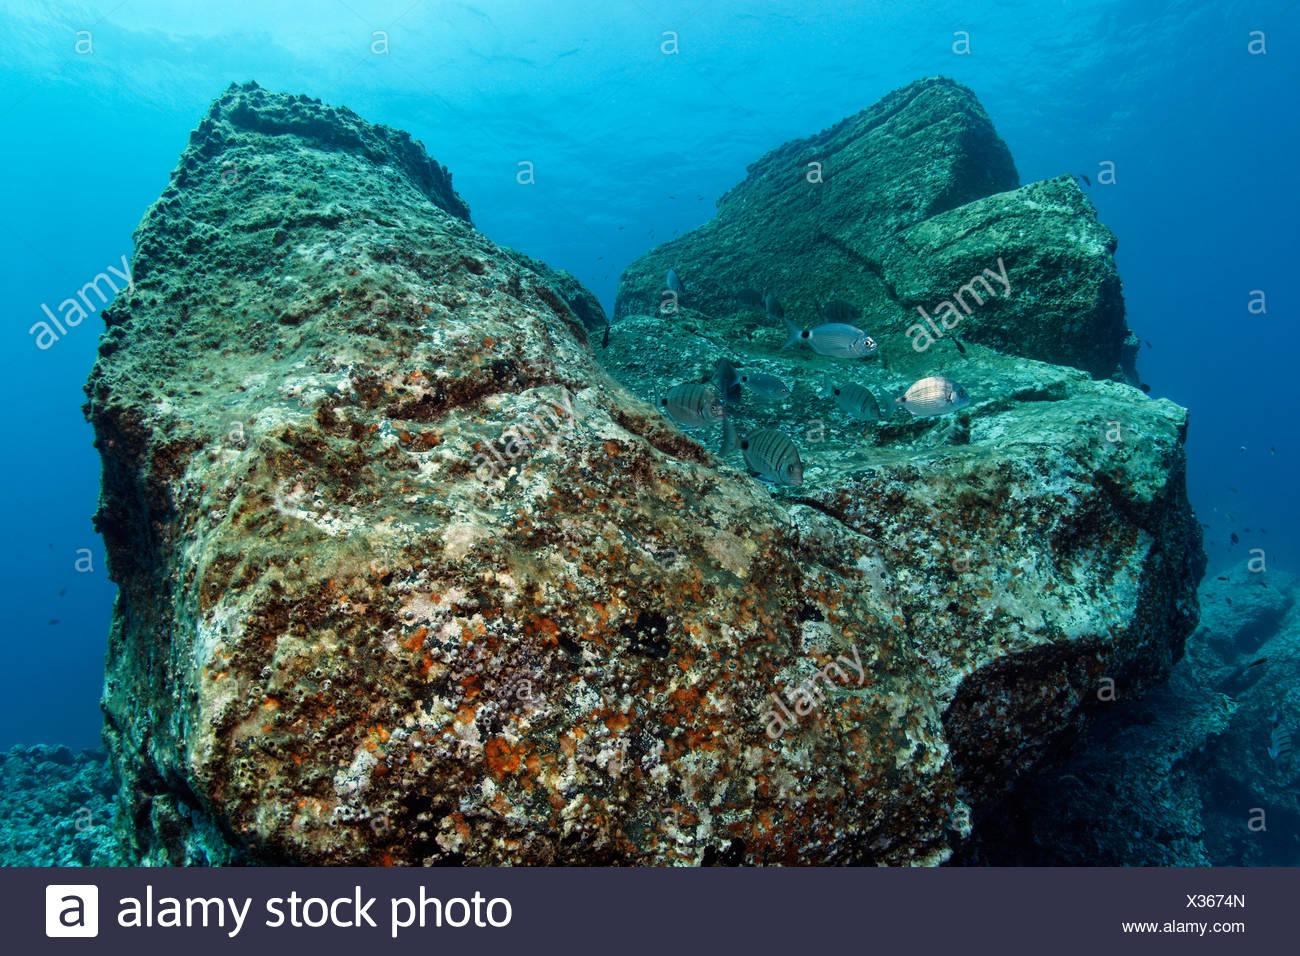 Rock avec Acorn balanes (Balanus trigonus) et d'Afrique ou de la Dorade blanc sargo (Diplodus sargus cadenati), Madeira, Portugal Banque D'Images